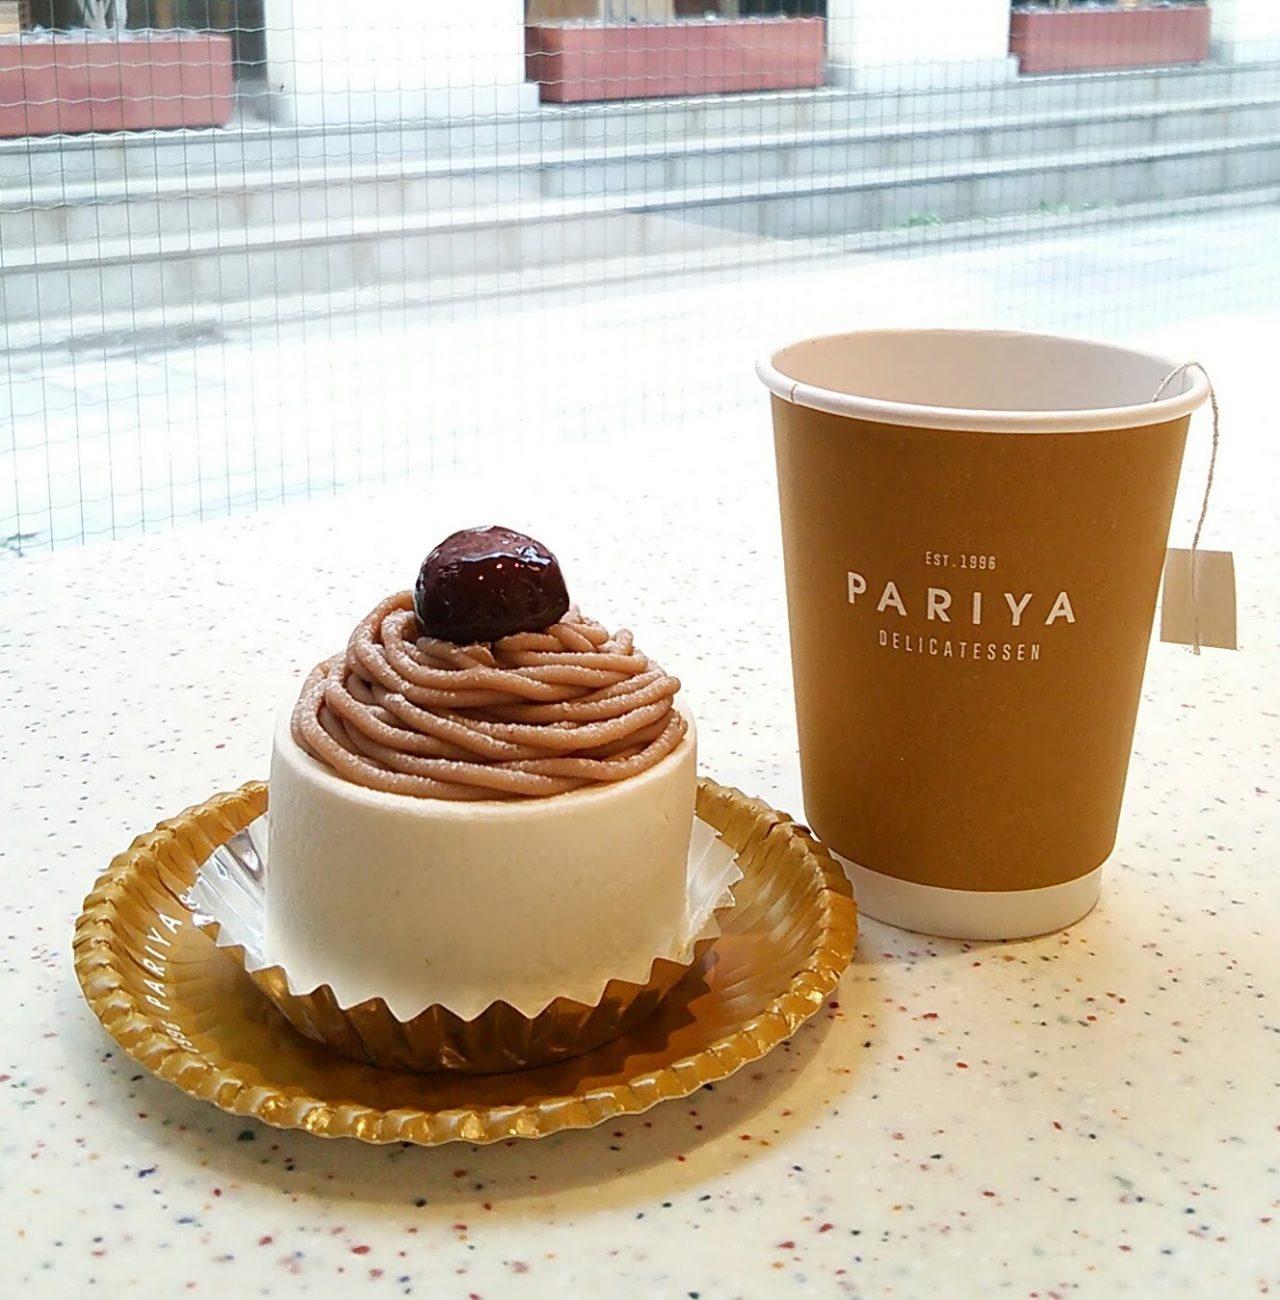 柳小路南角 PARIYA ケーキセット